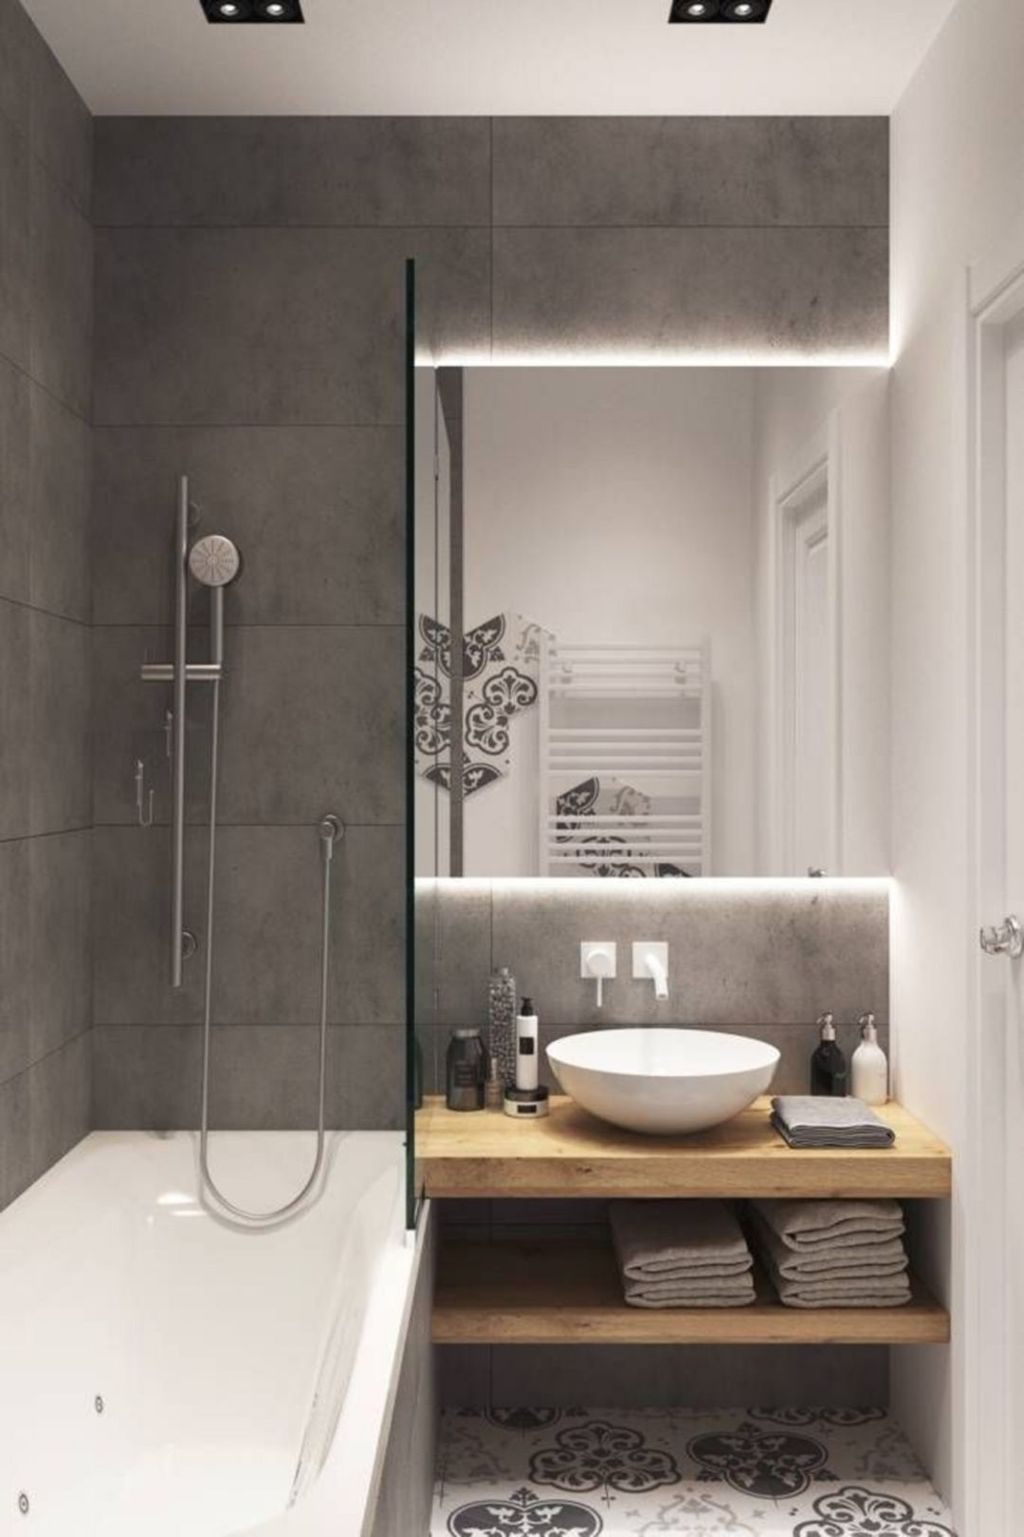 30 Enchanting Shower Decor Ideas For Tiny Bathroom Trenduhome In 2020 Small Bathroom Decor Small Bathroom Small Bathroom Makeover